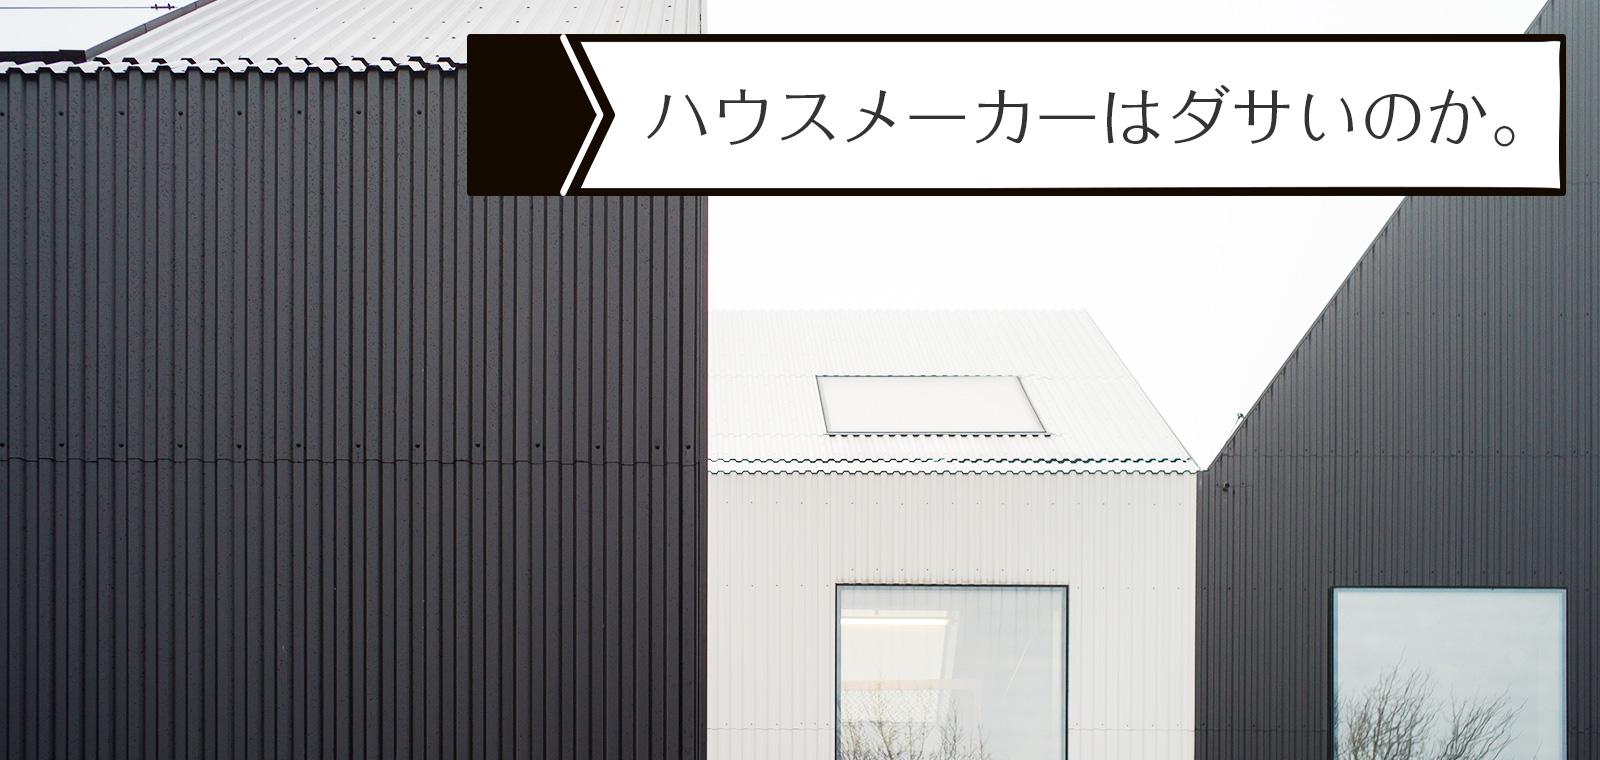 ハウスメーカーで建てた注文住宅はダサい?その理由とオシャレな家は建てられないのかまとめ